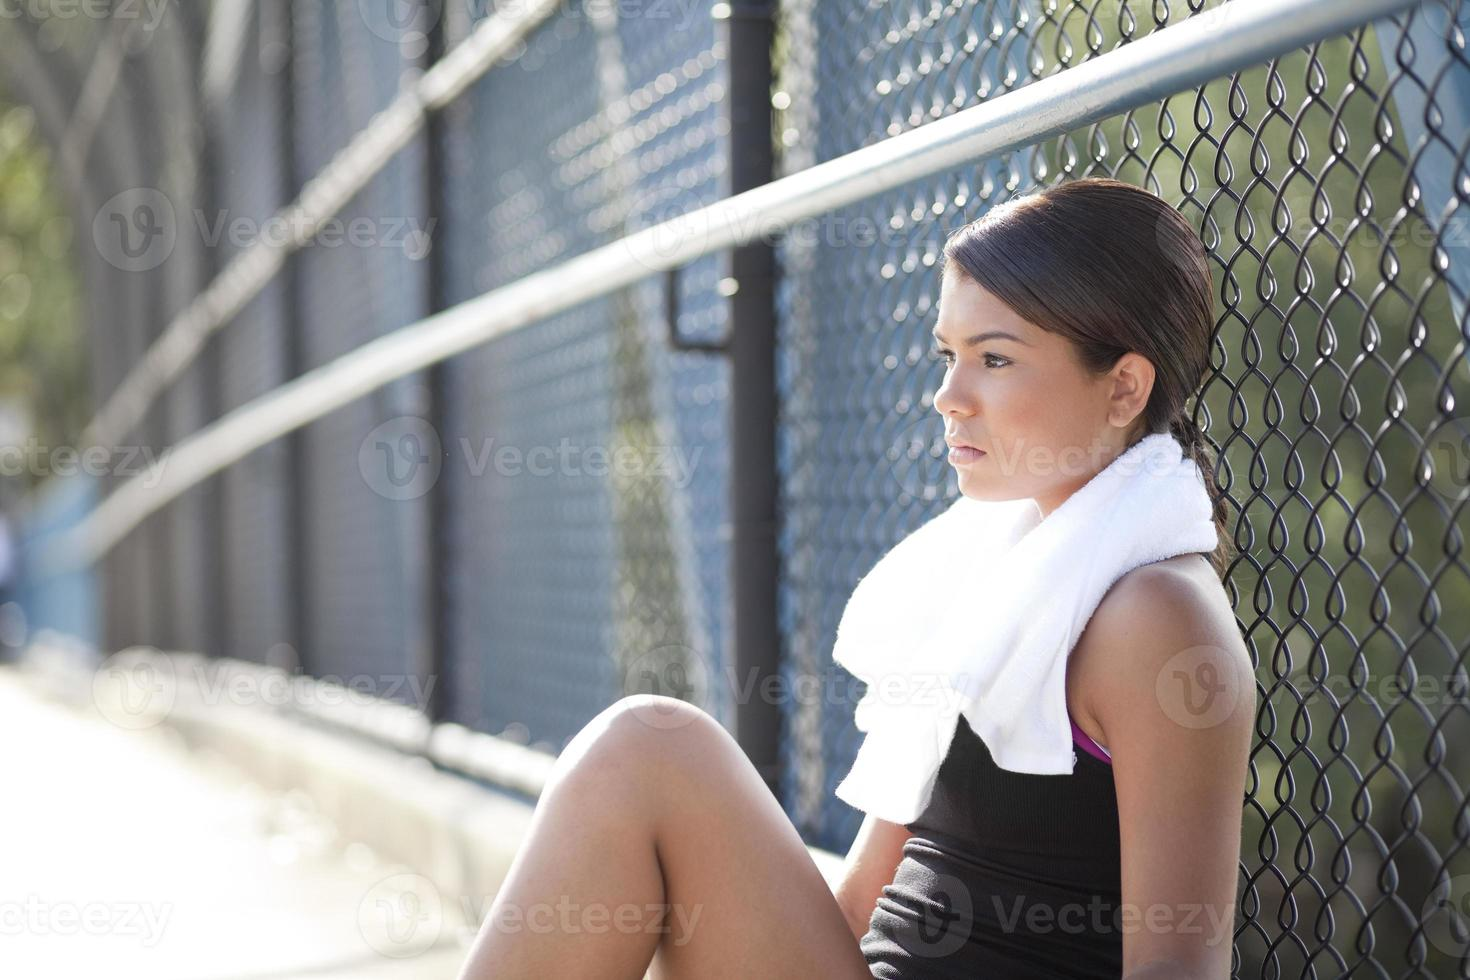 seduto a riposo e pensando foto